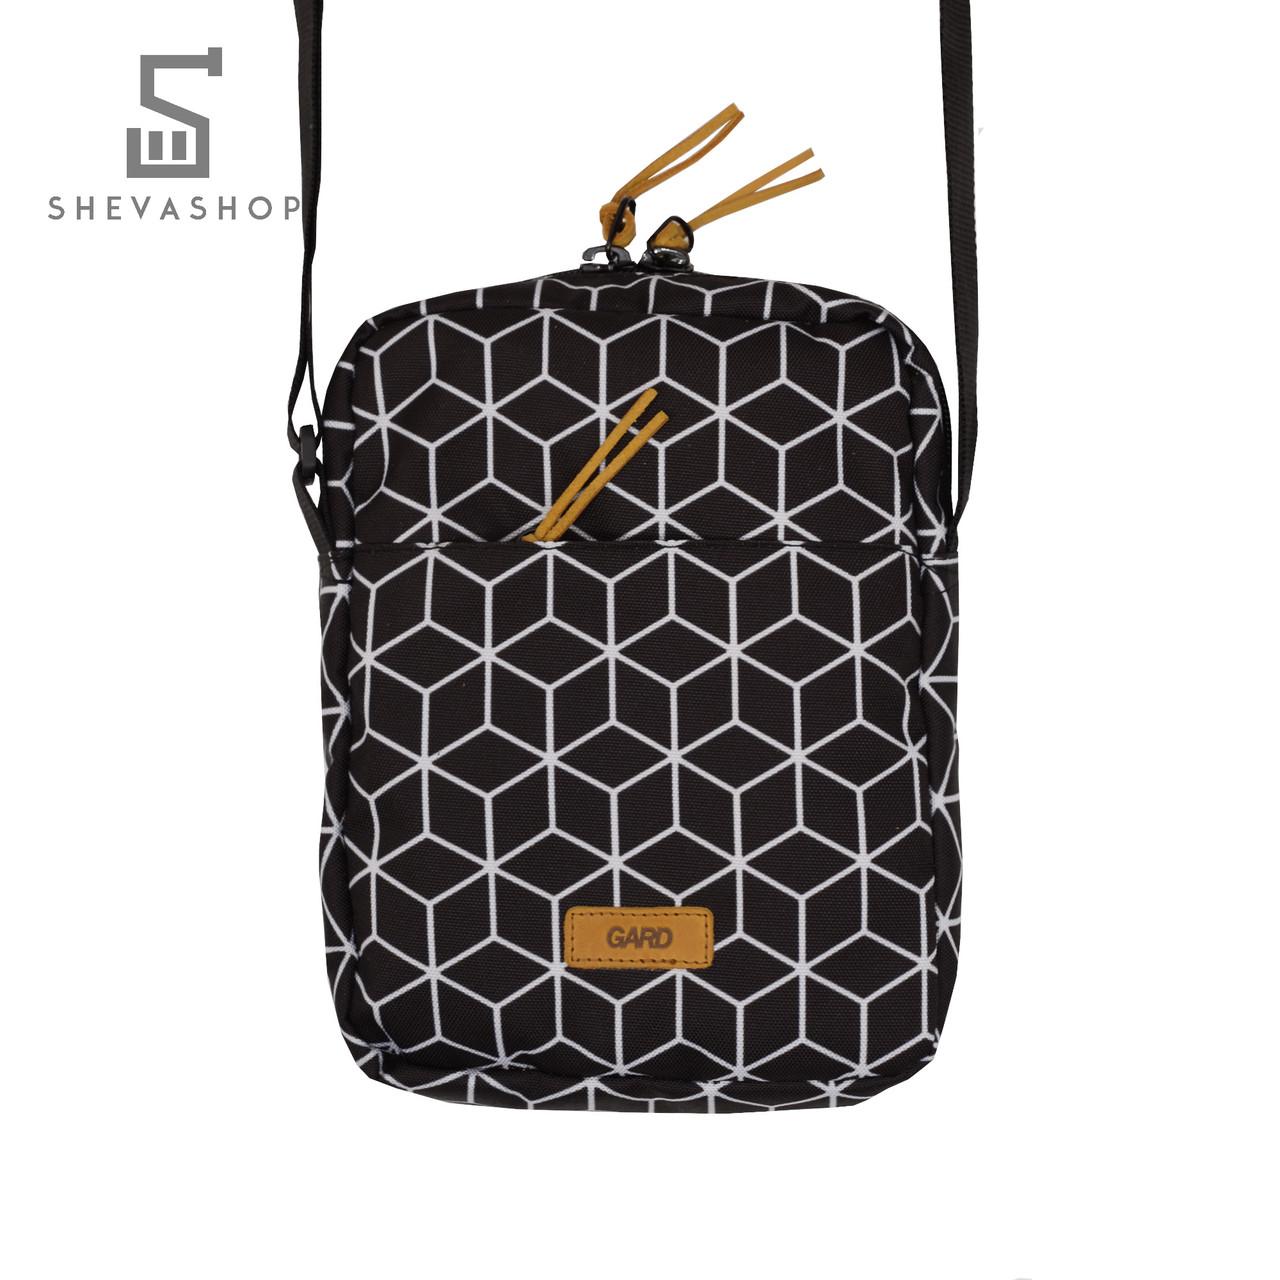 Сумка-мессенджер на плечо Gard geometrik print 2/18 черный